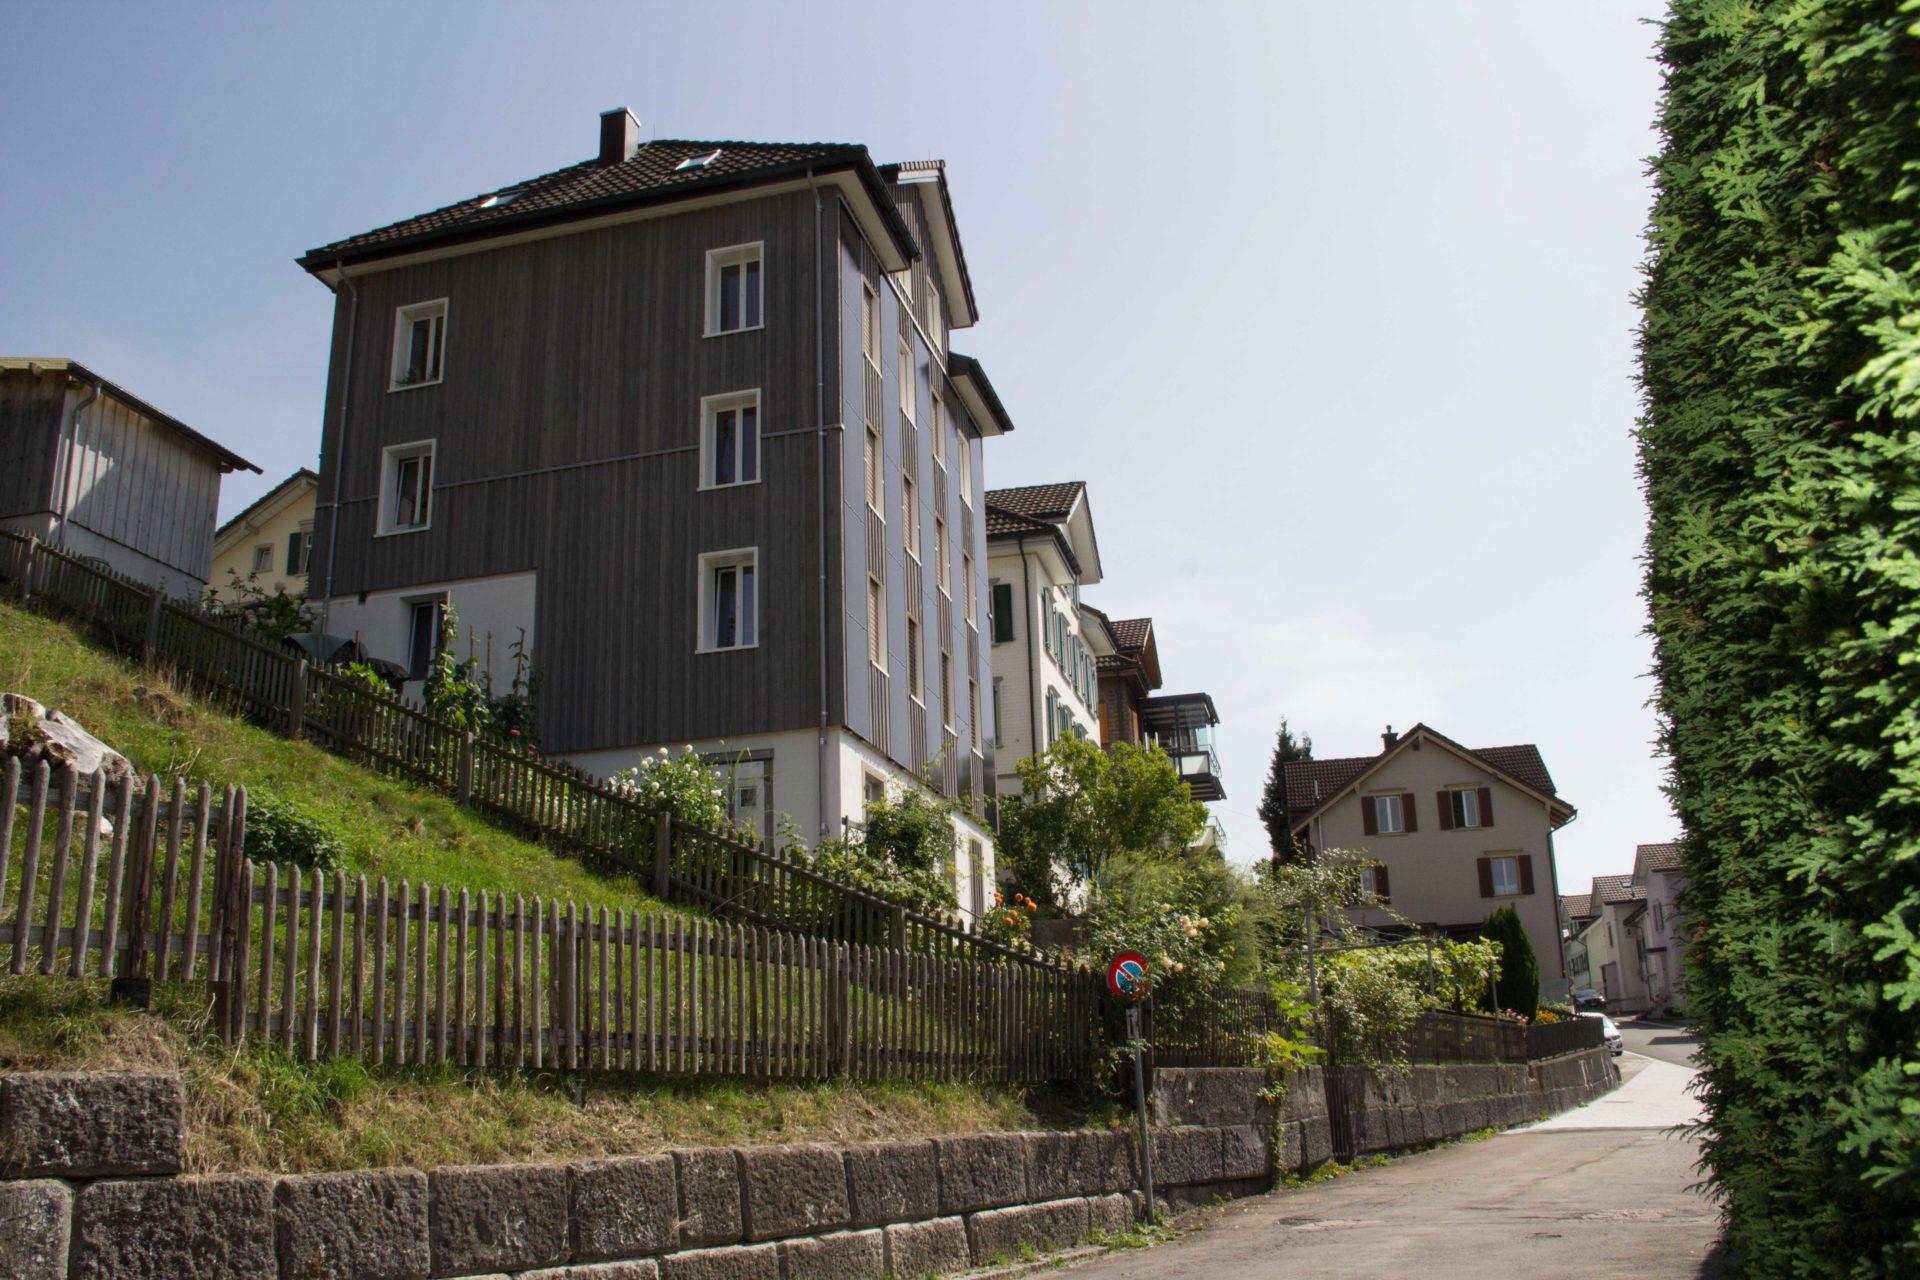 Fassadensanierung herisau pro architektur ag for Architektur 2017